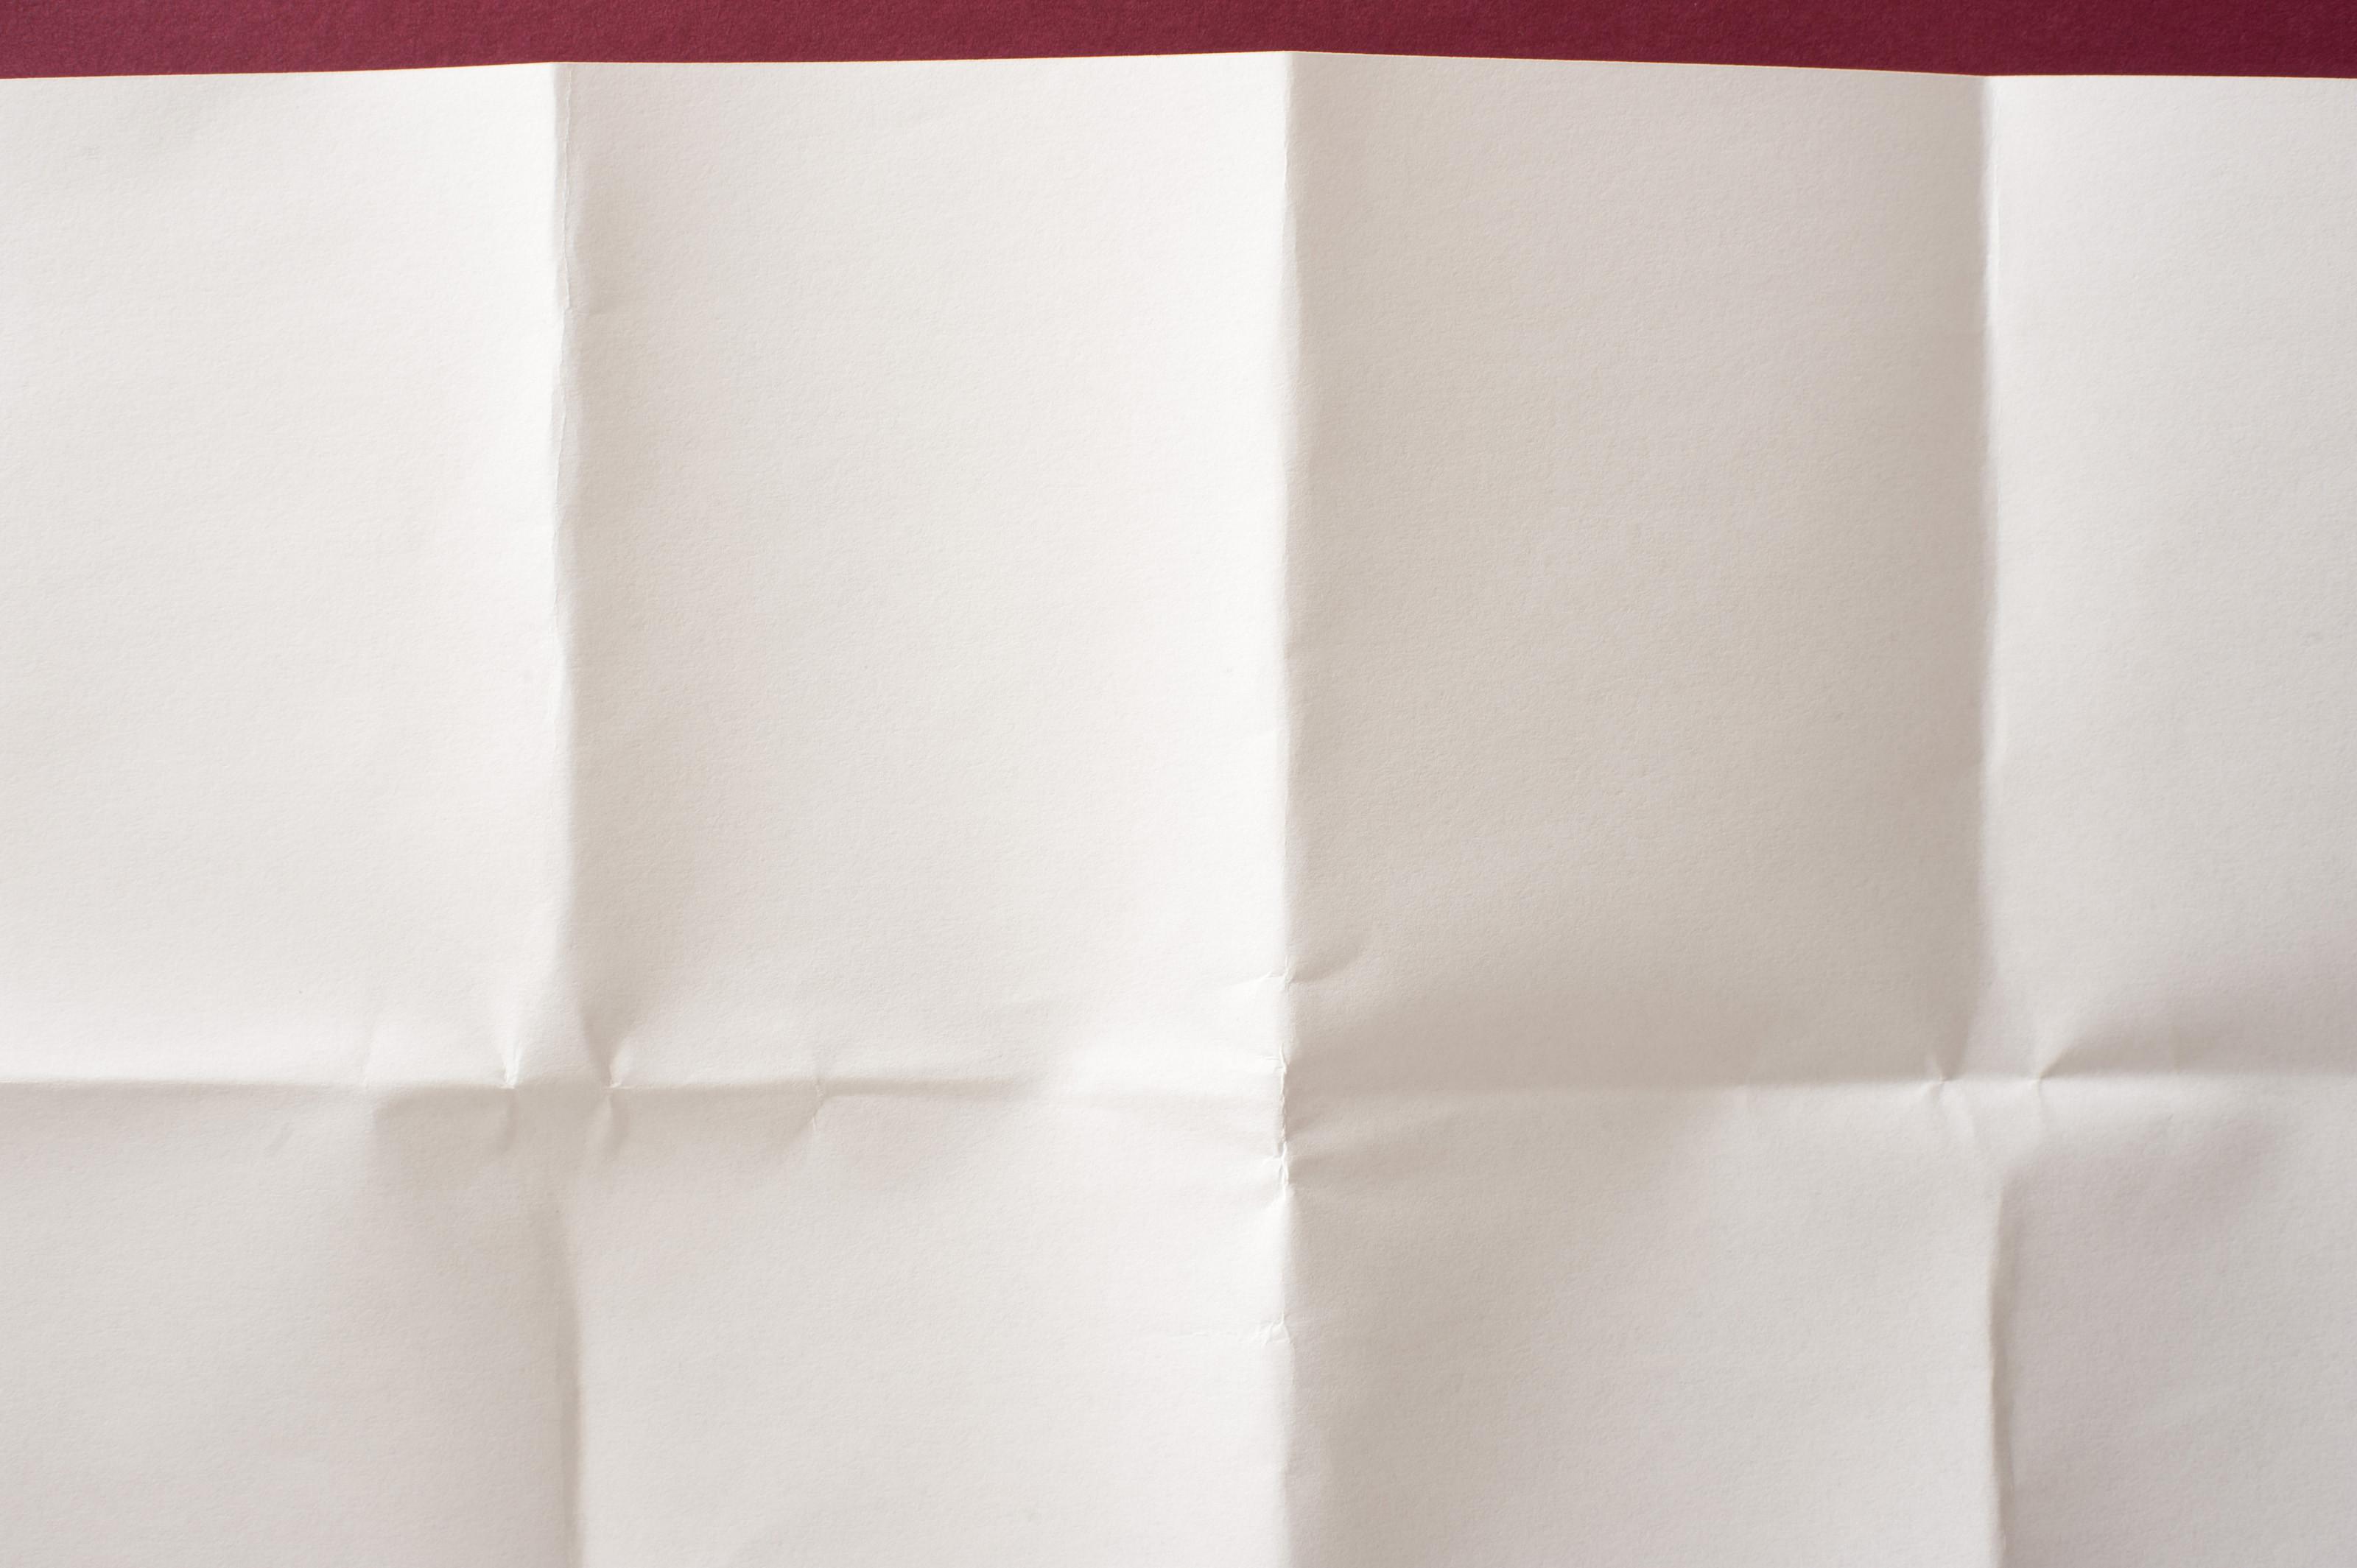 紙只能對折6次?看我用液壓機暴力解...結果爆炸了